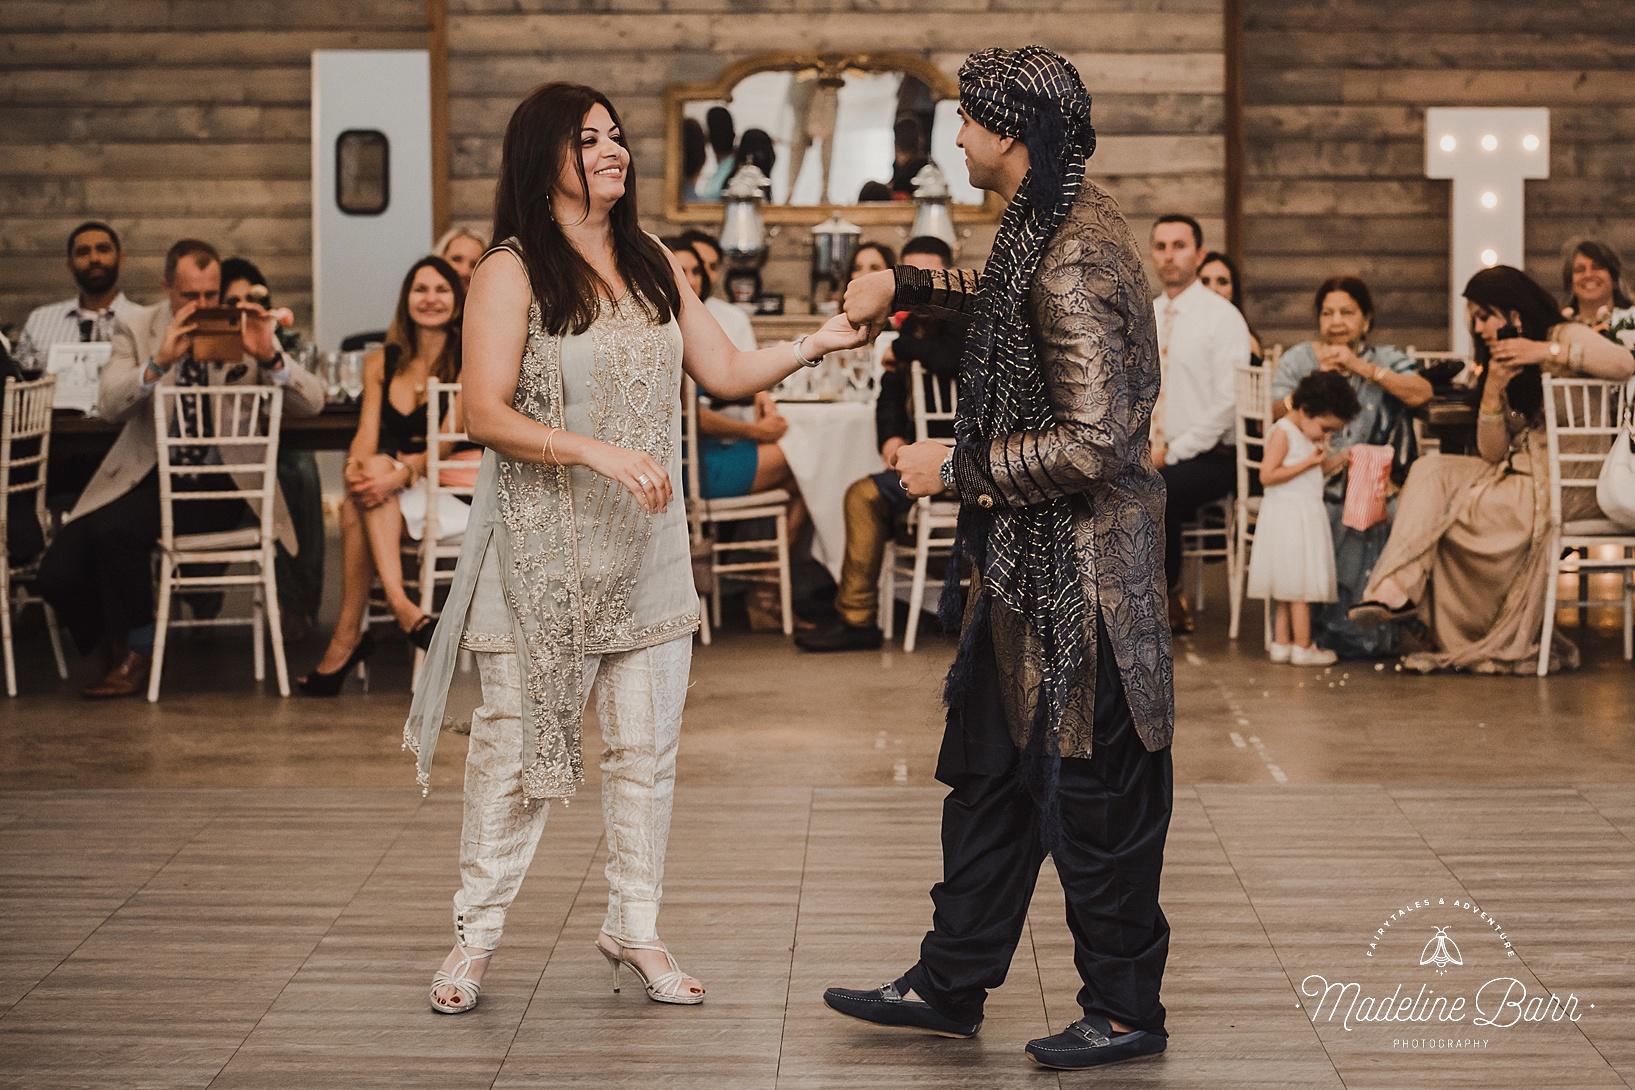 SanDiego_Multicultural_Elopement_Wedding0052.jpg